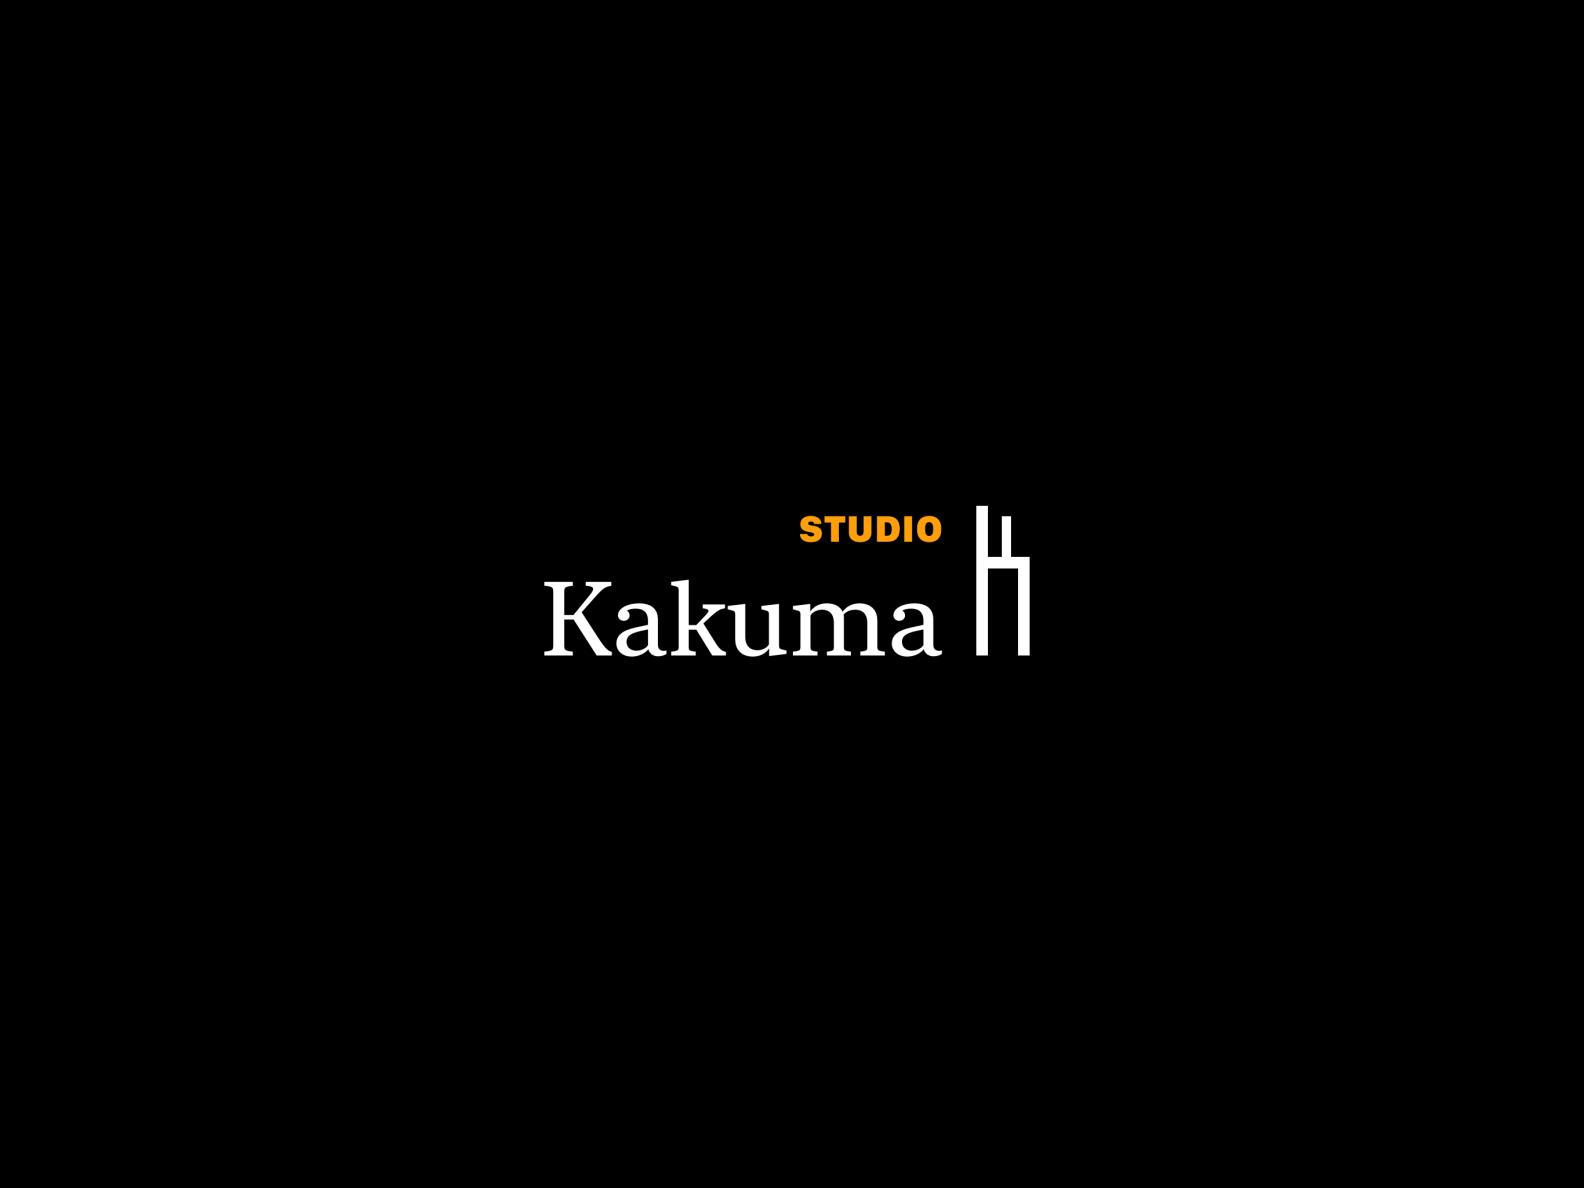 Studio Kakuma